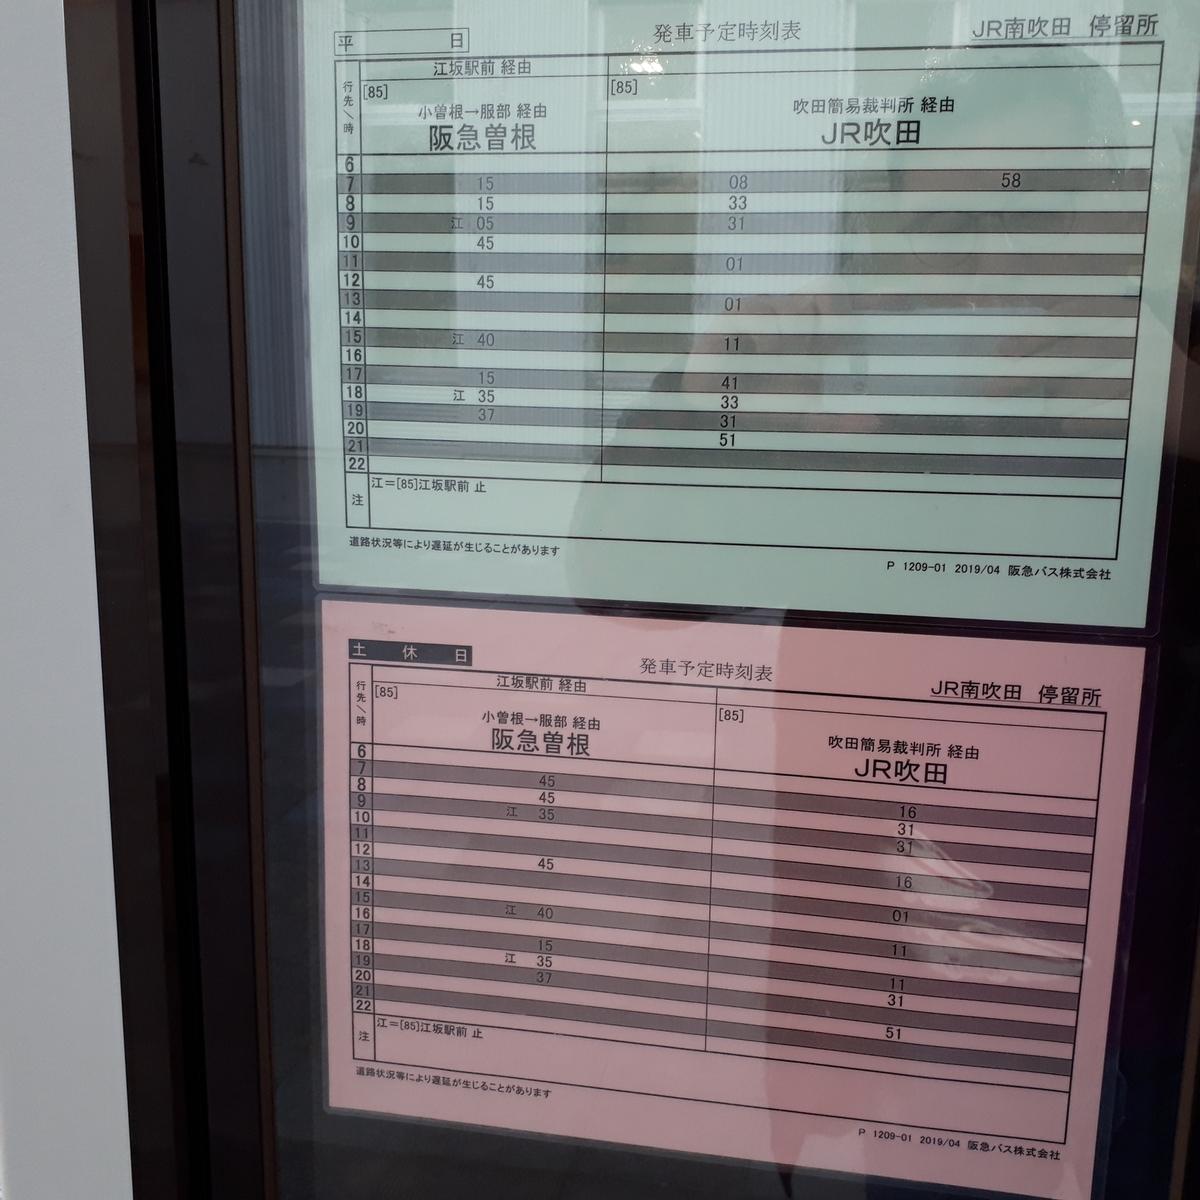 JR南吹田駅 バス停 時刻表